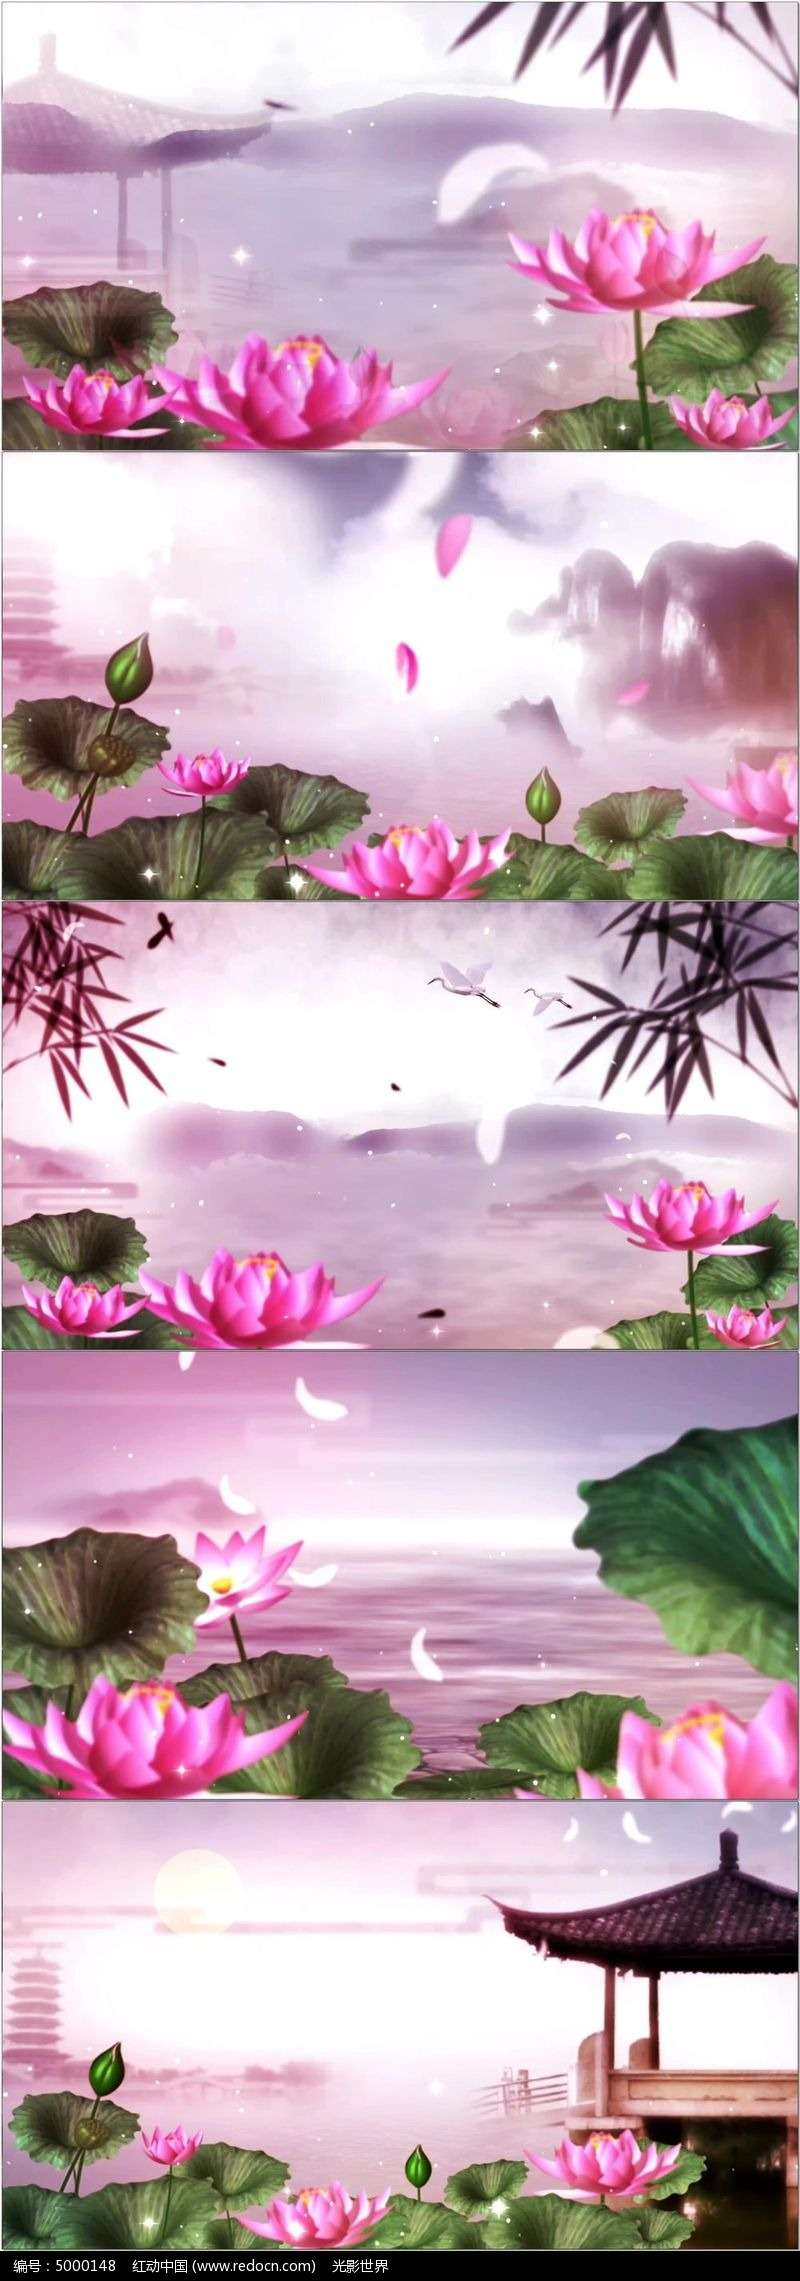 水墨中国风舞台led背景视频素材图片